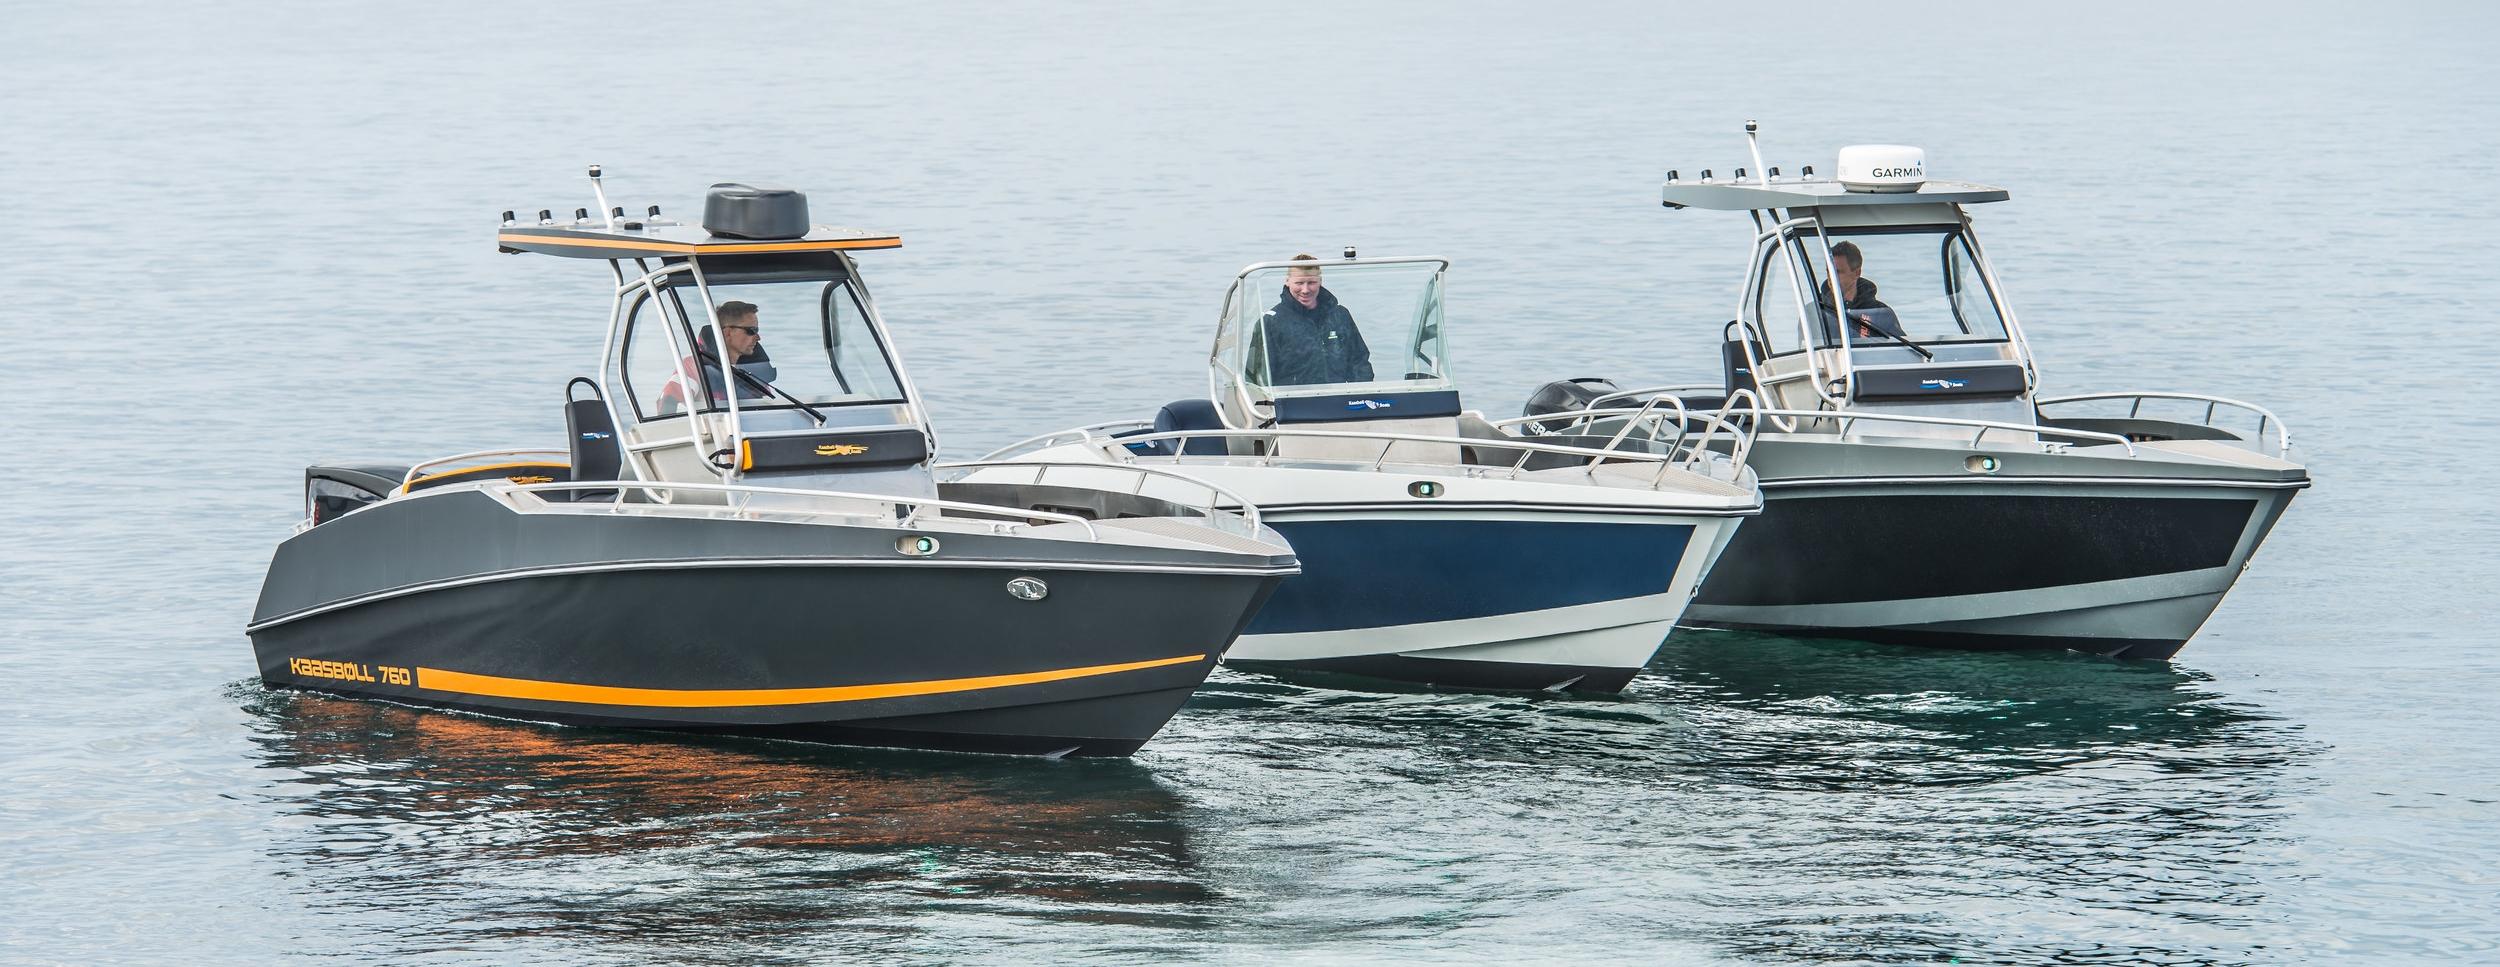 kaasbøllboats_-8002980.jpg